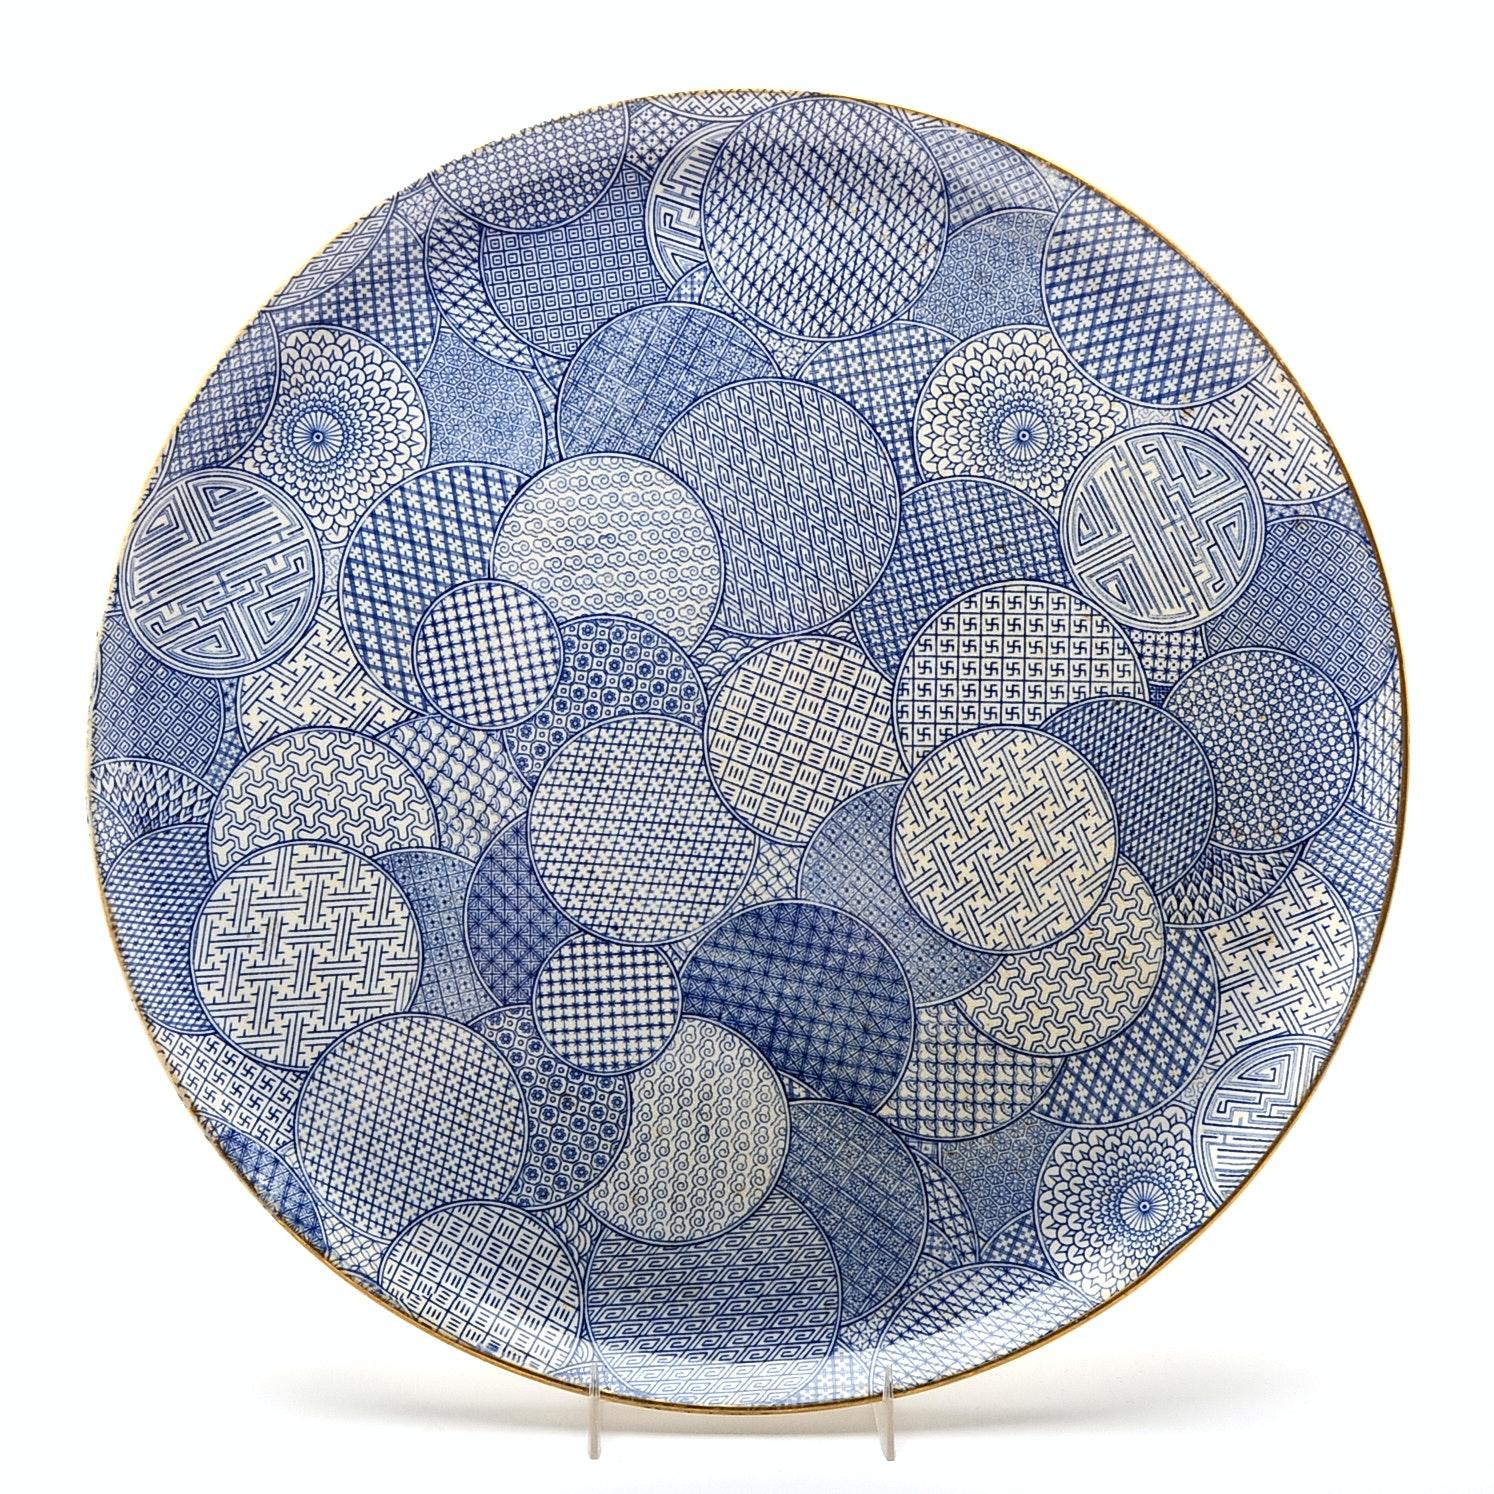 Royal Worcester Porcelain Imari Design Charger